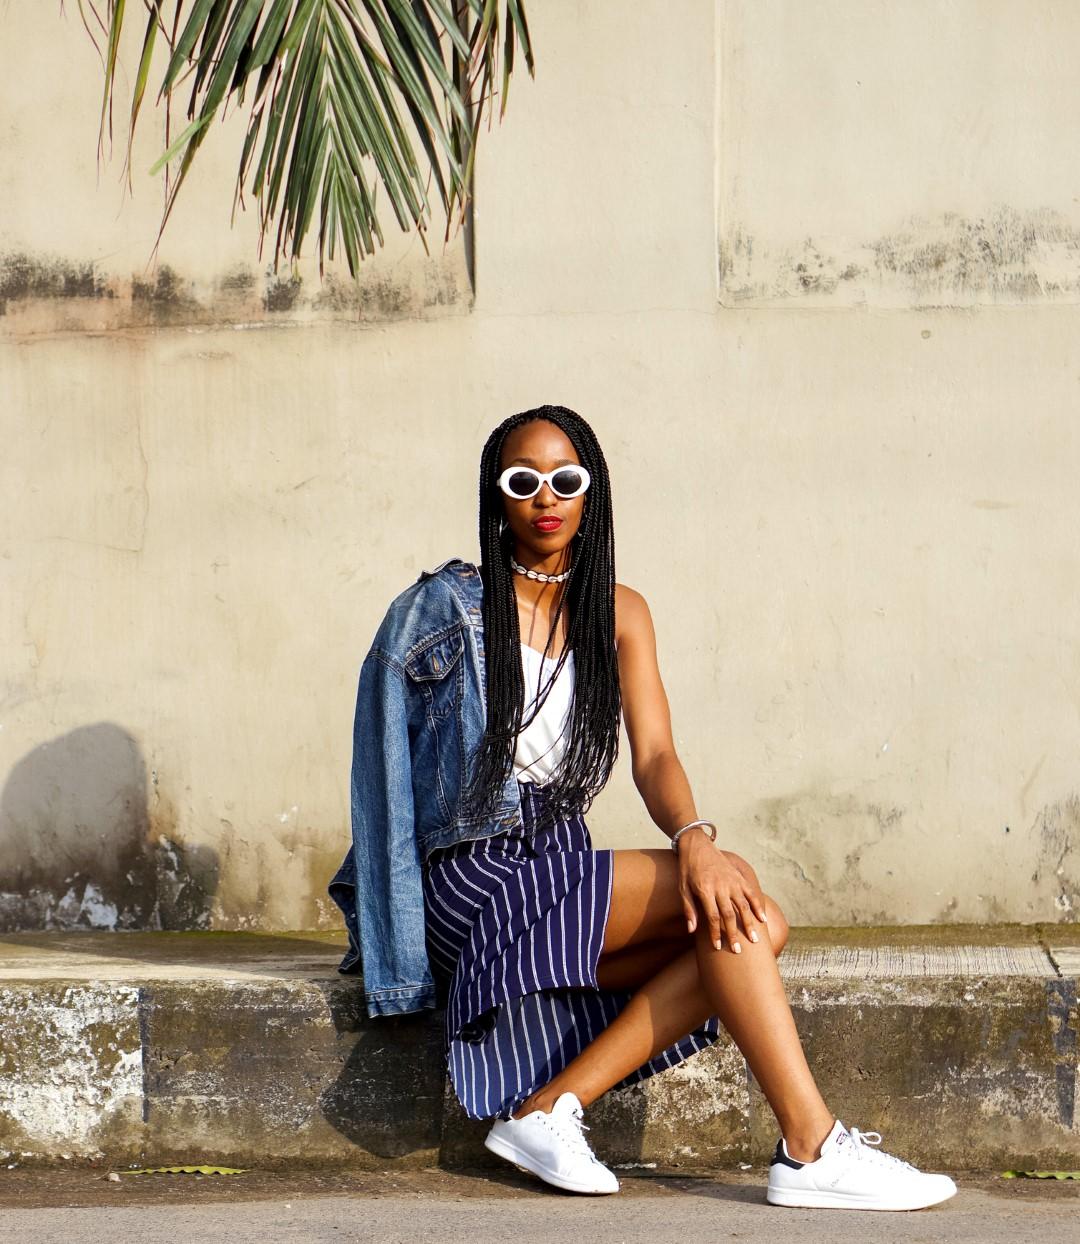 Fashion blogger Cassie Daves